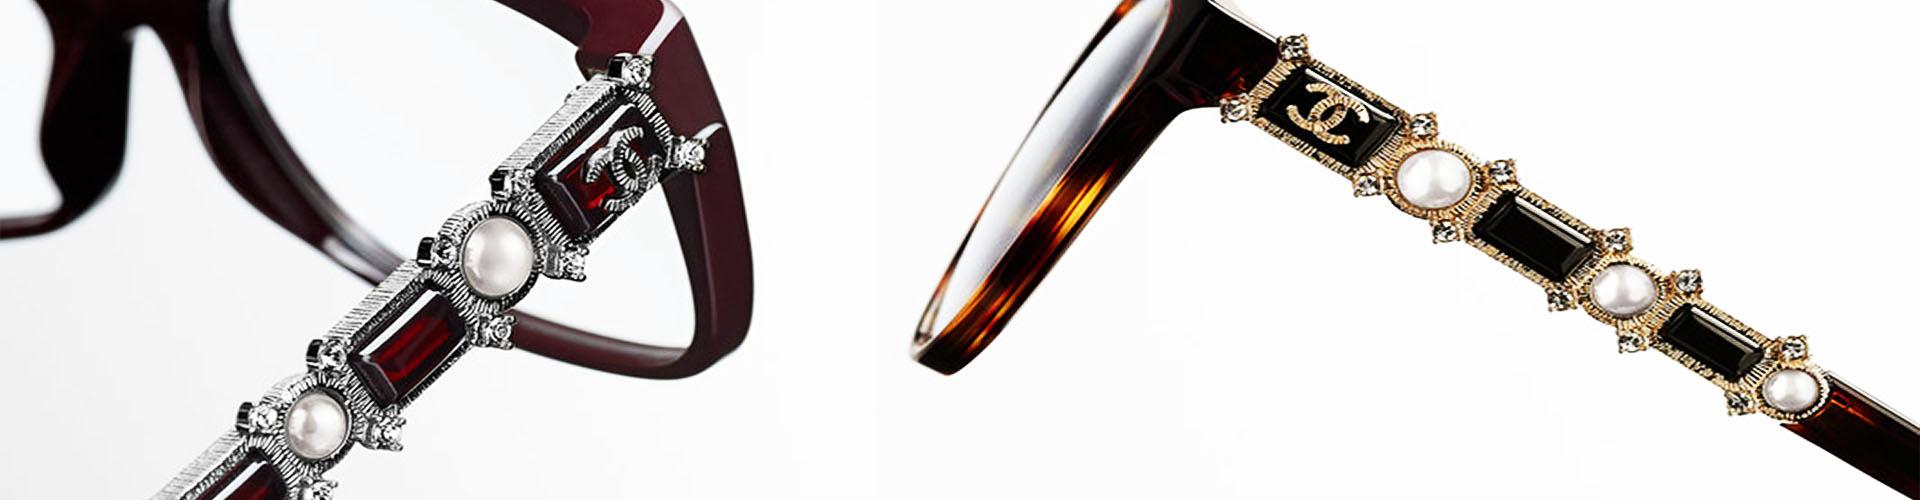 febf4dd2e4d9b Il y a toujours des produits d exceptions dans la collection Chanel. Les  Lunettes Chanel Bijou représente la maison dans son écrin haute couture.